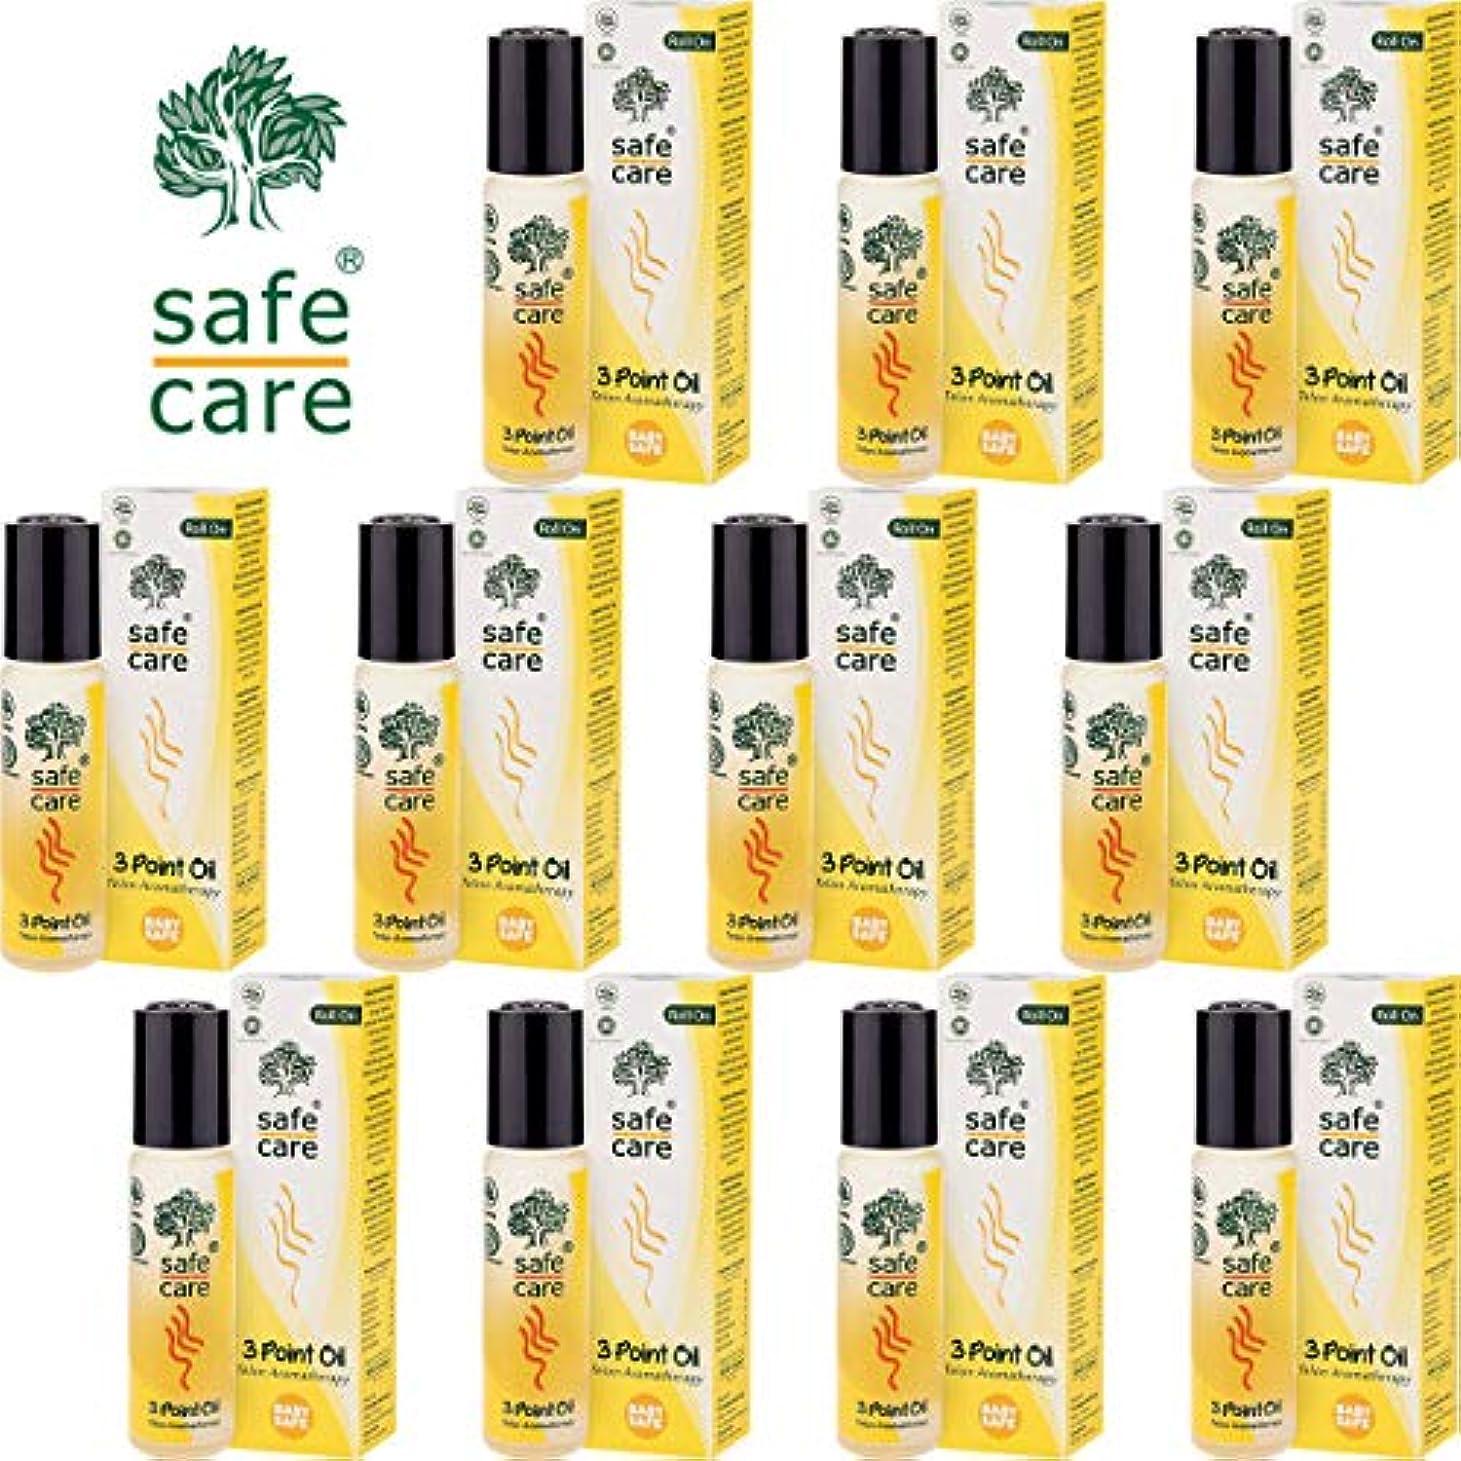 繊維鷲翻訳するSafe Care セーフケア Aromatherapy Telon 3Point Oil アロマテラピー リフレッシュオイル テロン3ポイントオイル ロールオン 10ml×11本セット [海外直送品]